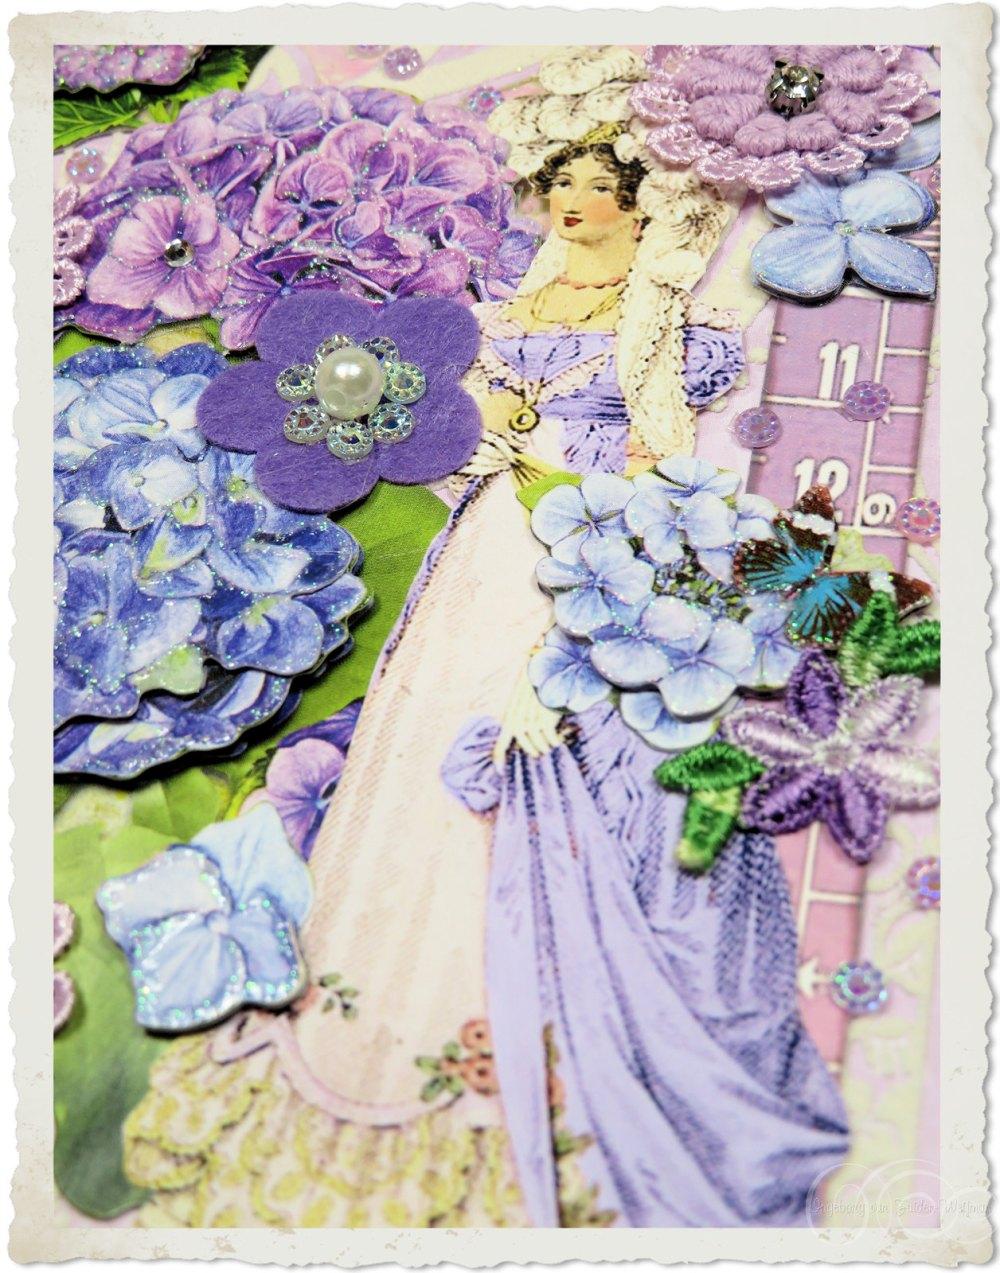 Regency lady with purple flowers by Ingeborg van Zuiden